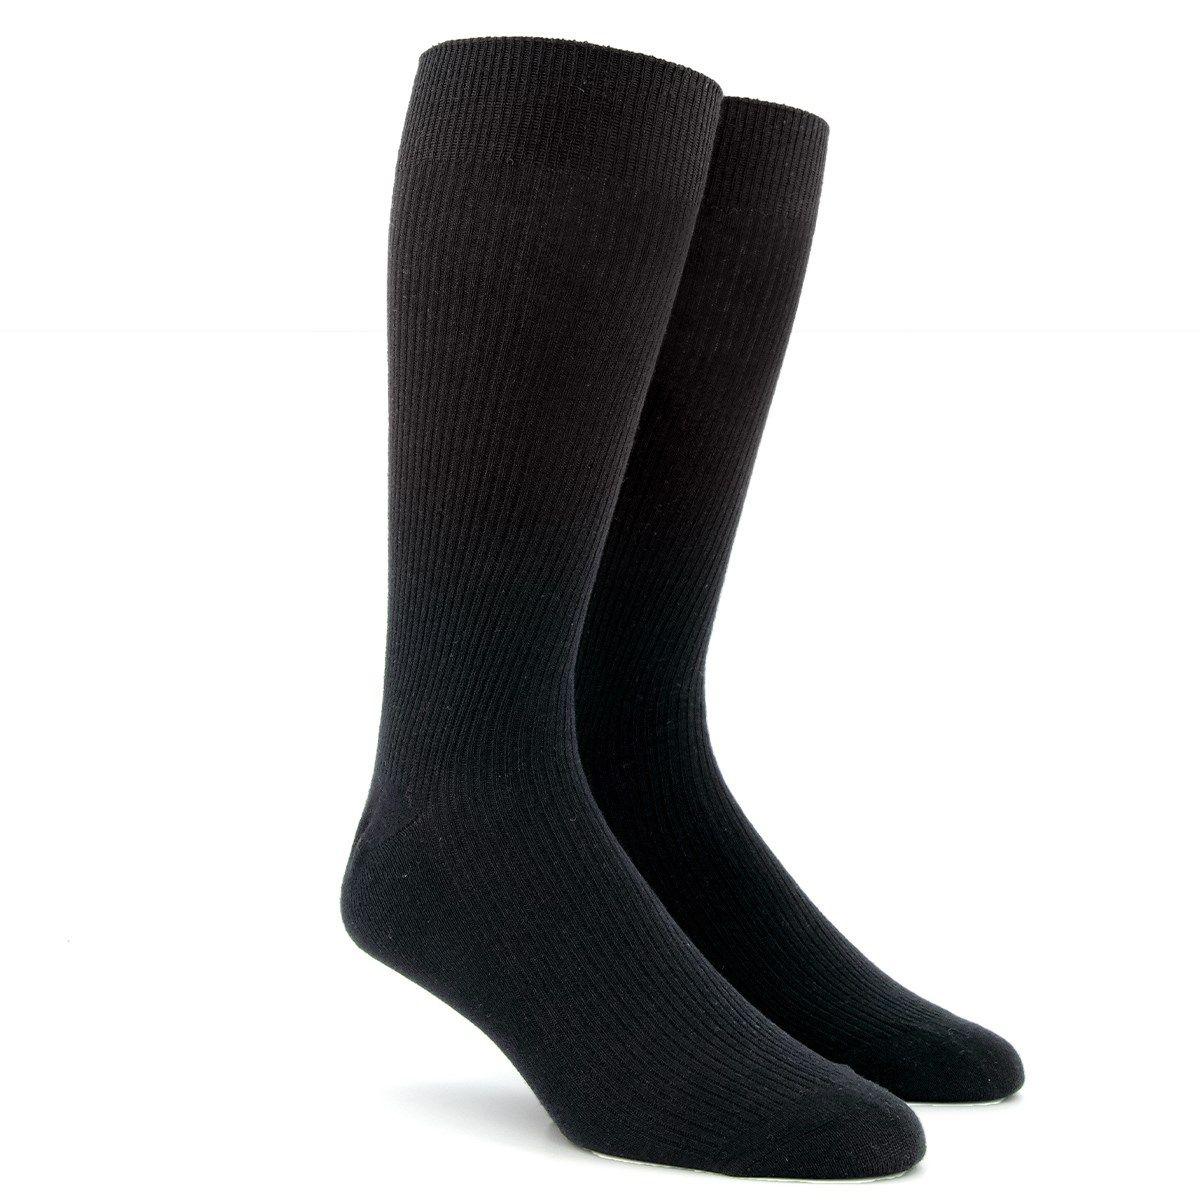 Ribbed Black Dress Socks Men S Dress Socks In 2021 Black Dress Socks Mens Dress Socks Mens Black Dress [ 1200 x 1200 Pixel ]